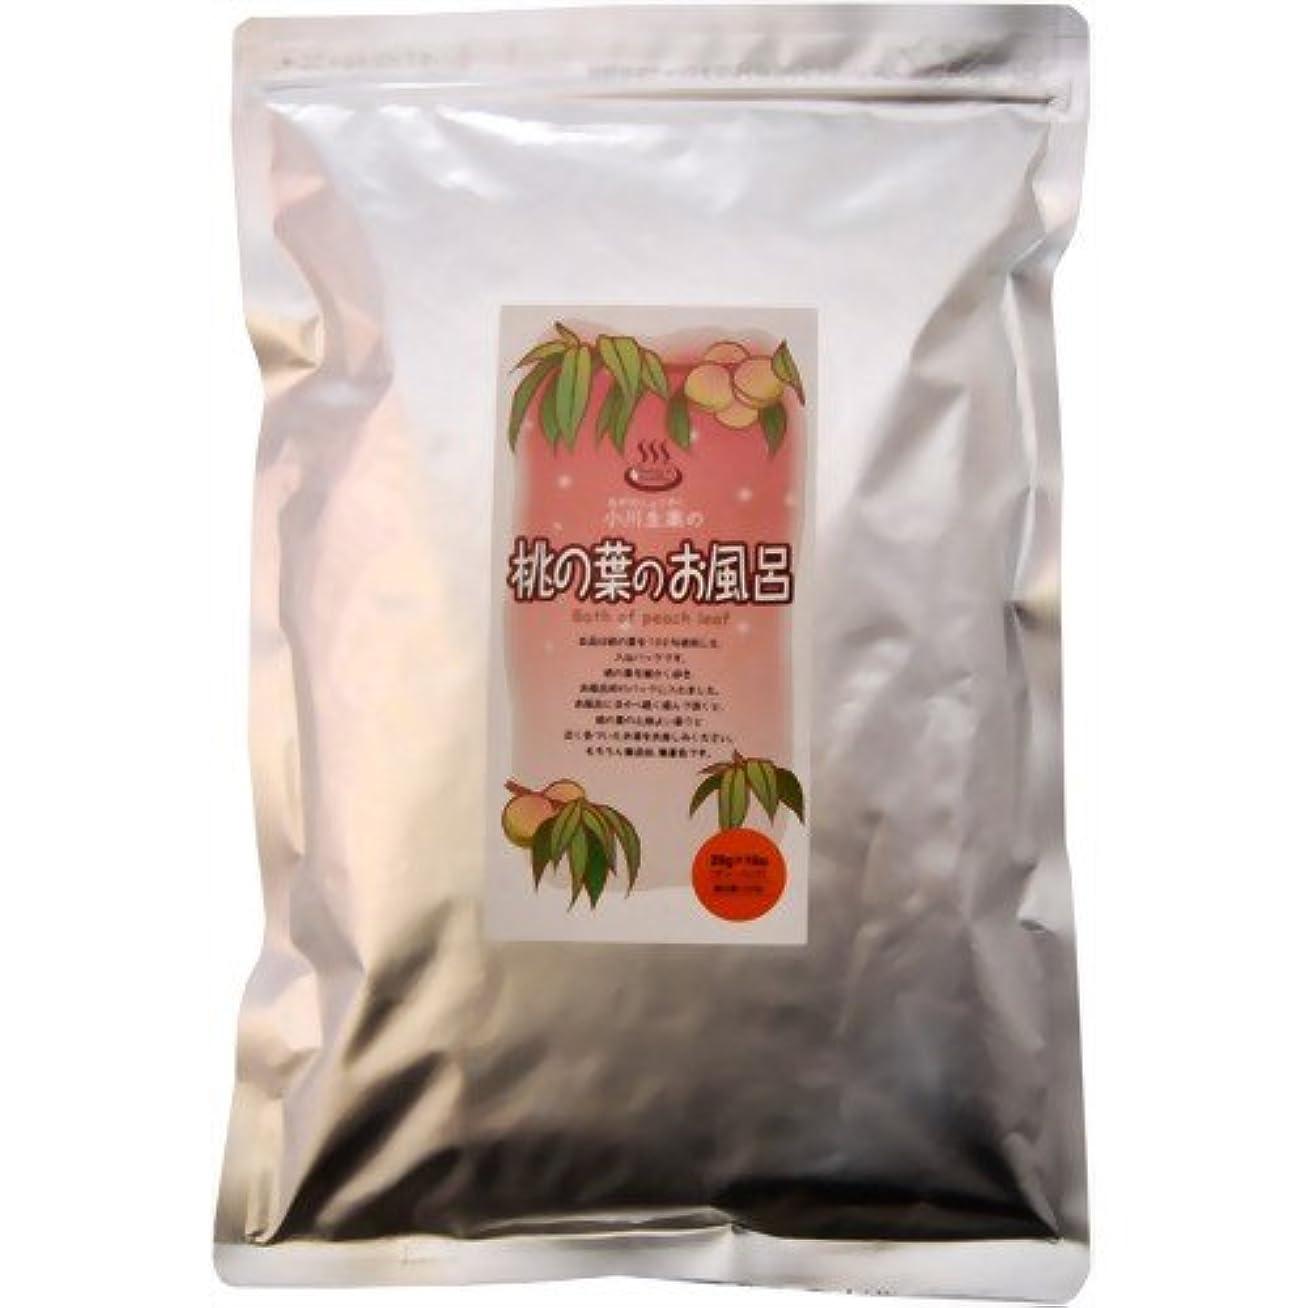 抵抗パーチナシティチャンバー小川生薬の桃の葉のお風呂 20g*10袋